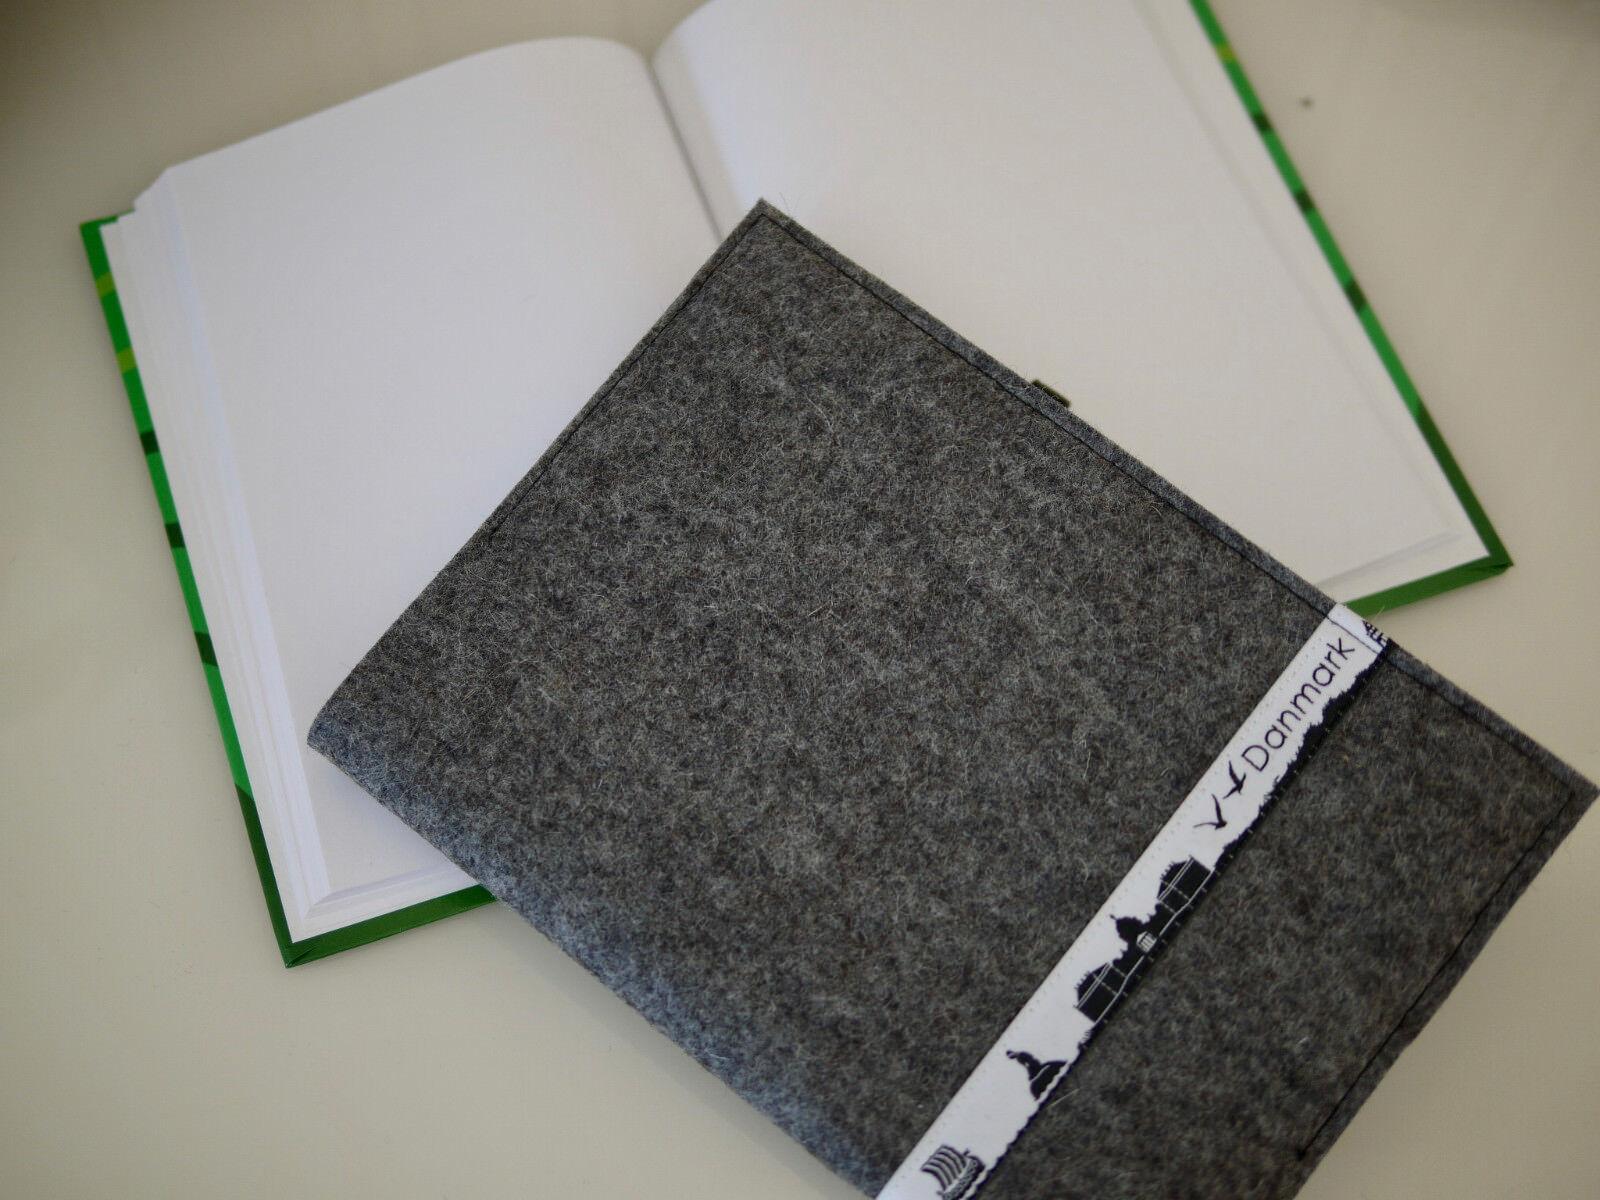 Tütatü Buchhülle + Notizbuch, Reise-Tagebuch, Wollfilz,Skyline DÄNEMARK, Danmark | Einfach zu spielen, freies Leben